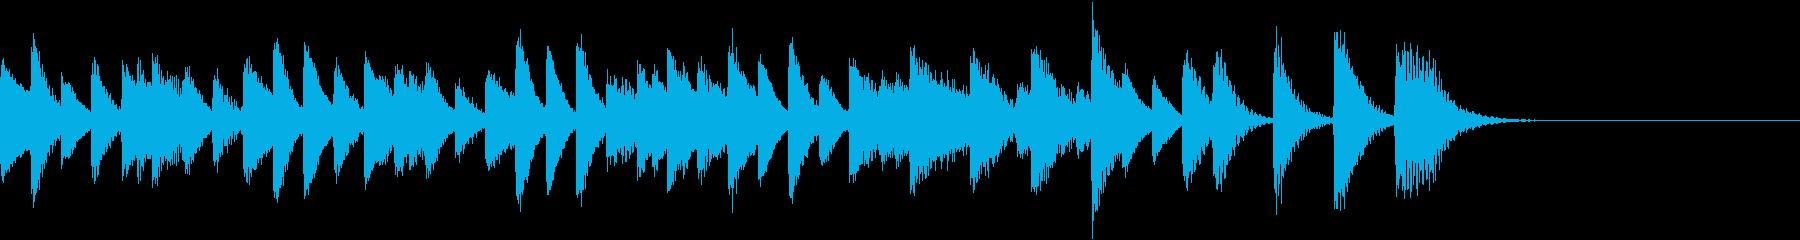 スピード感満載の超軽やかなピアノジングルの再生済みの波形